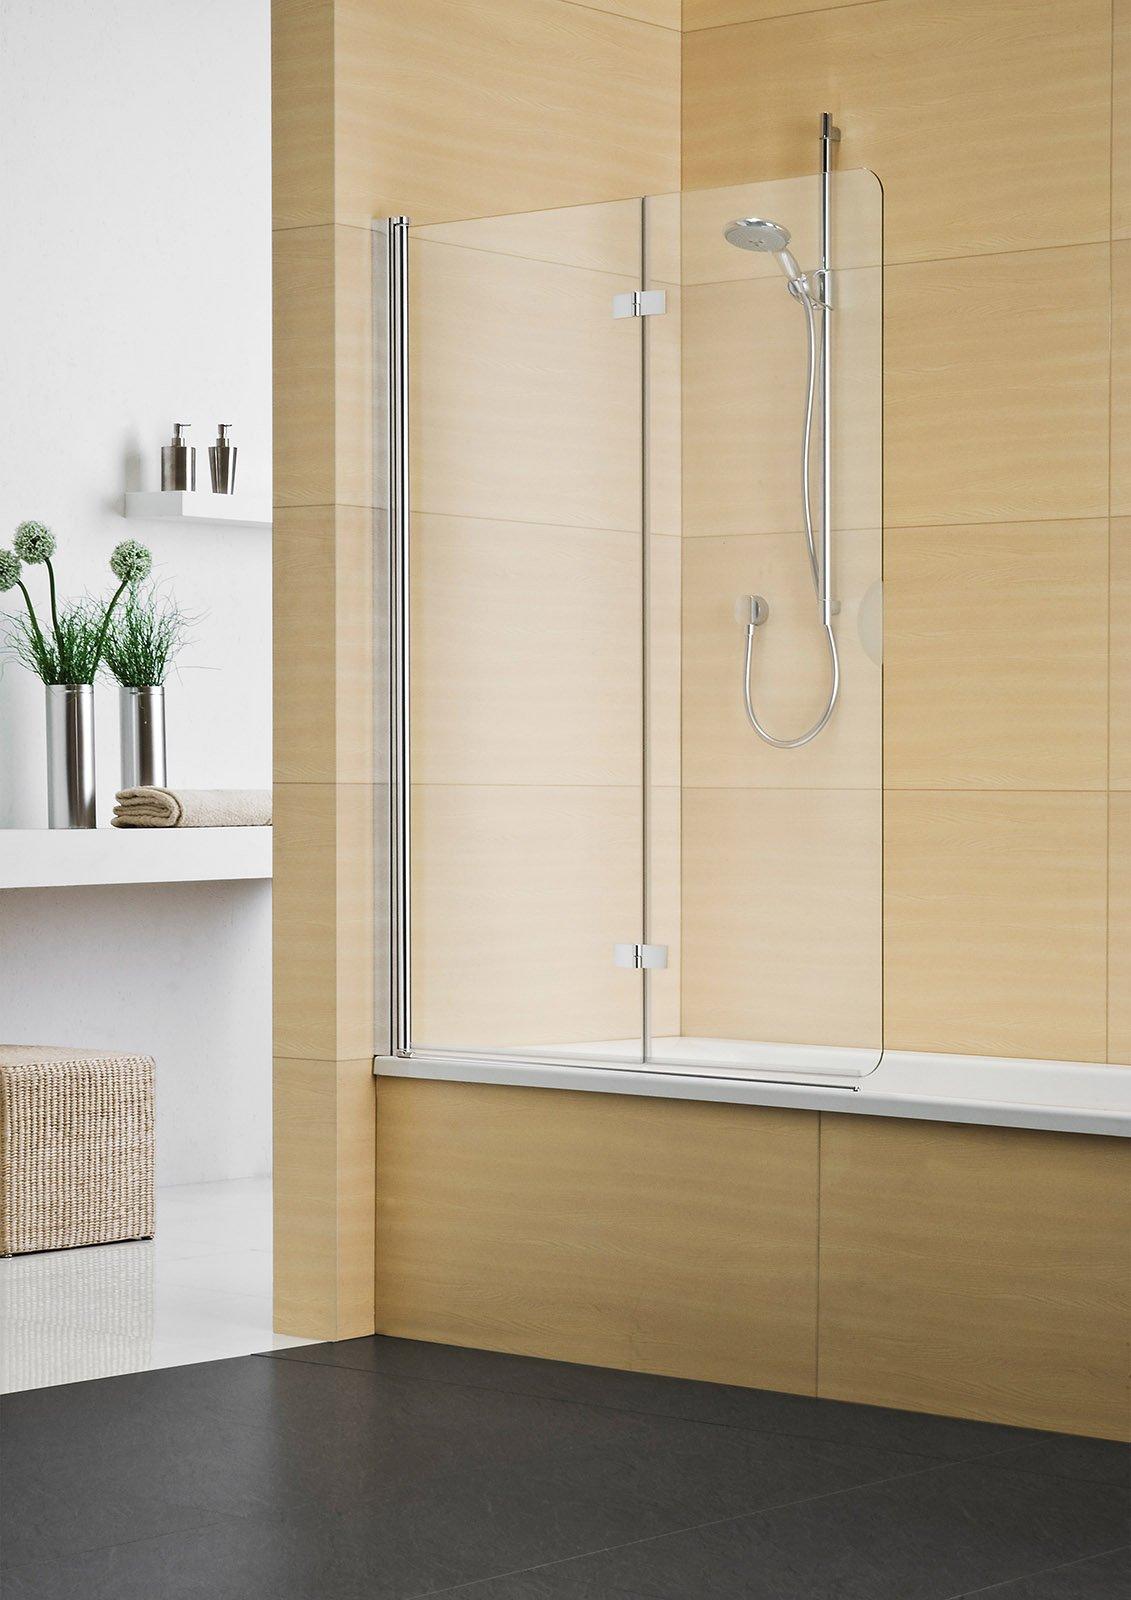 La doccia nella vasca aggiungendo un pannello cose di casa - Vasca per bagno ...